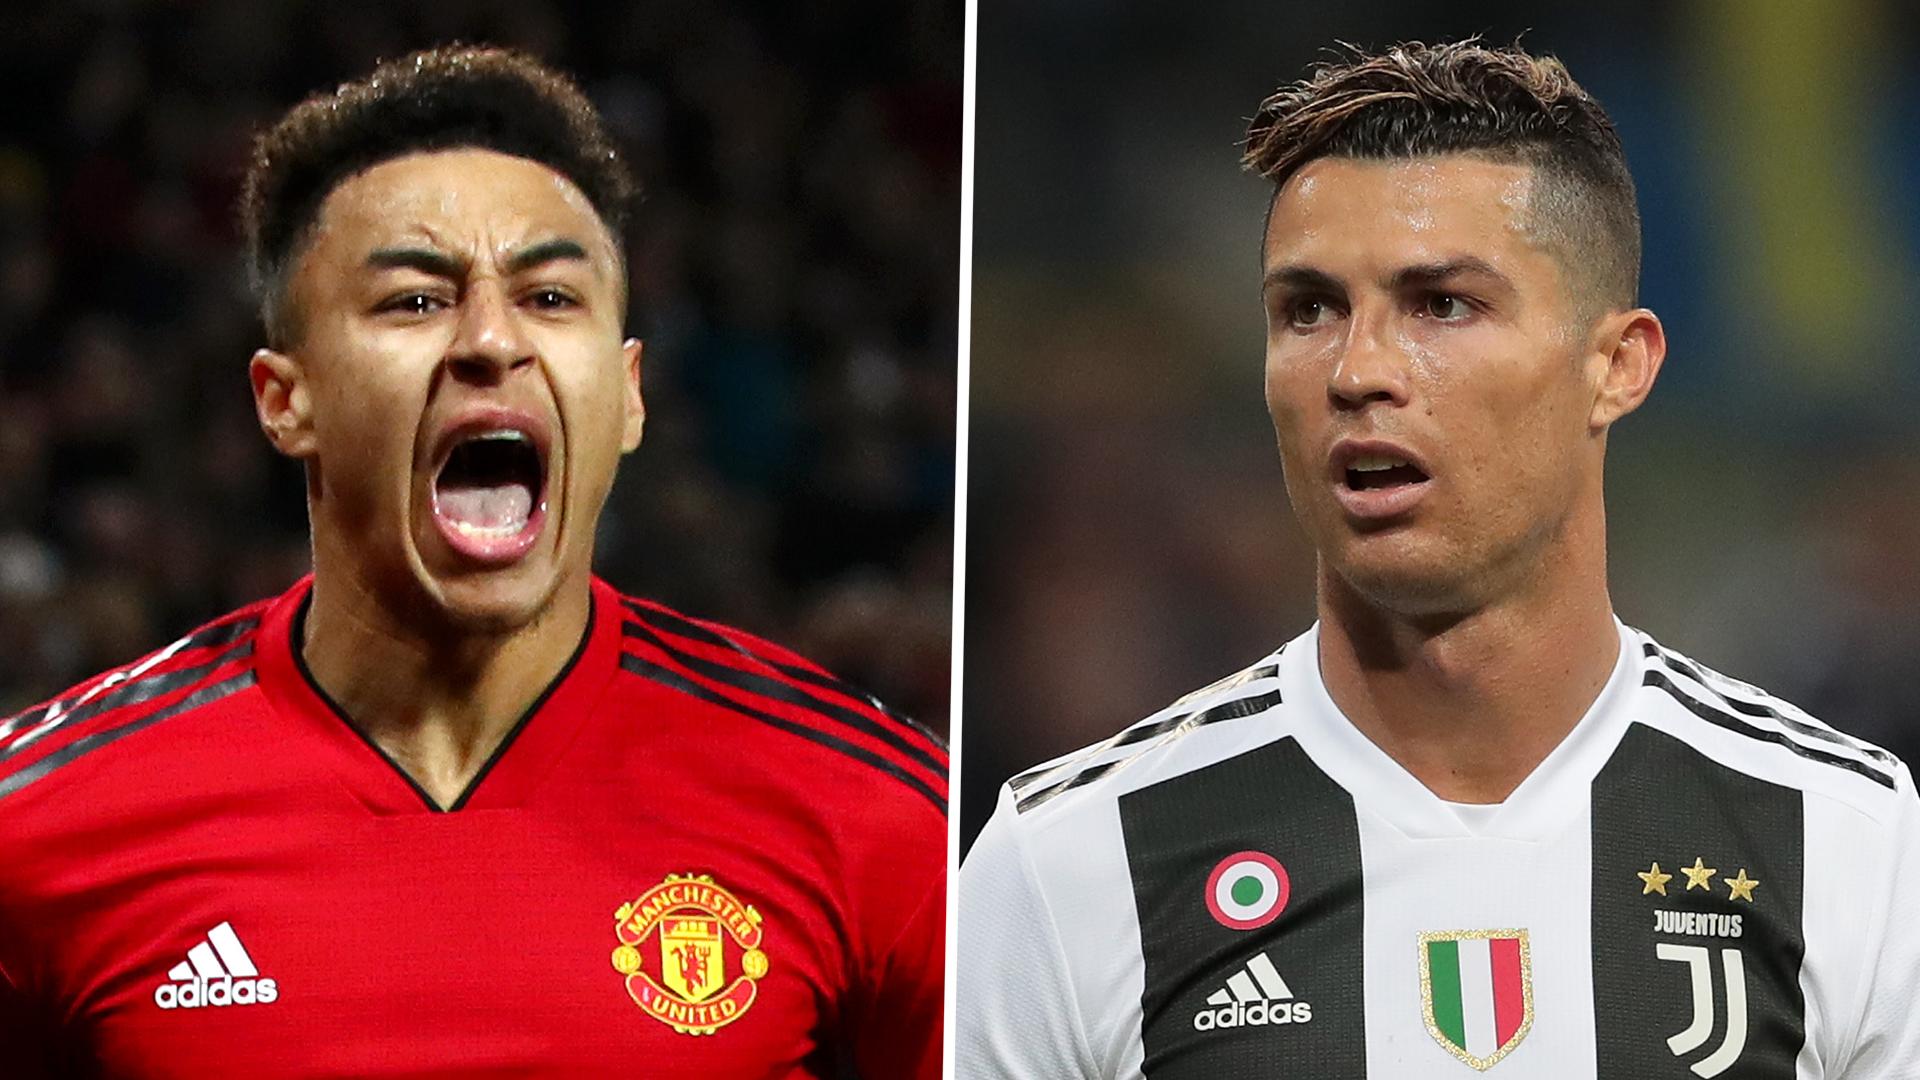 EPL: Manchester United forward urges Solskjaer to bring back Ronaldo